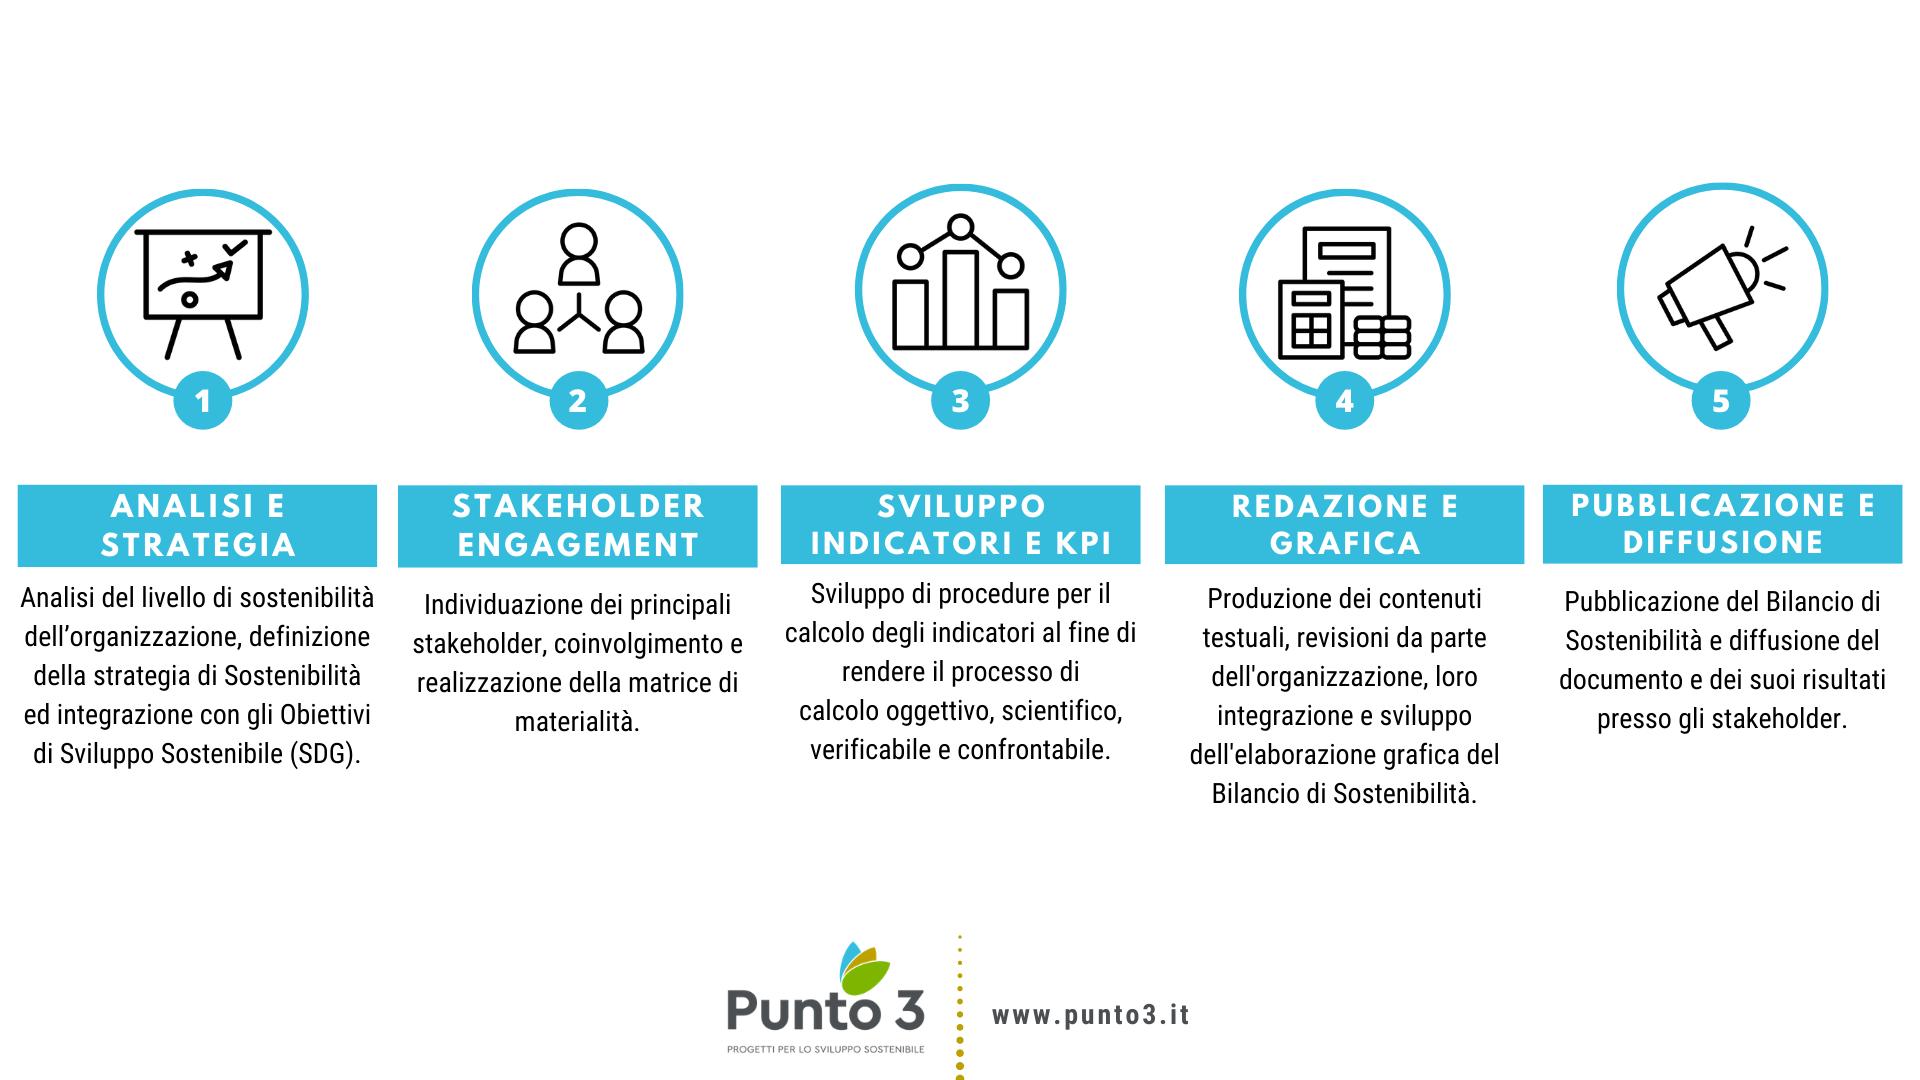 Come fare il bilancio di sostenibilità?